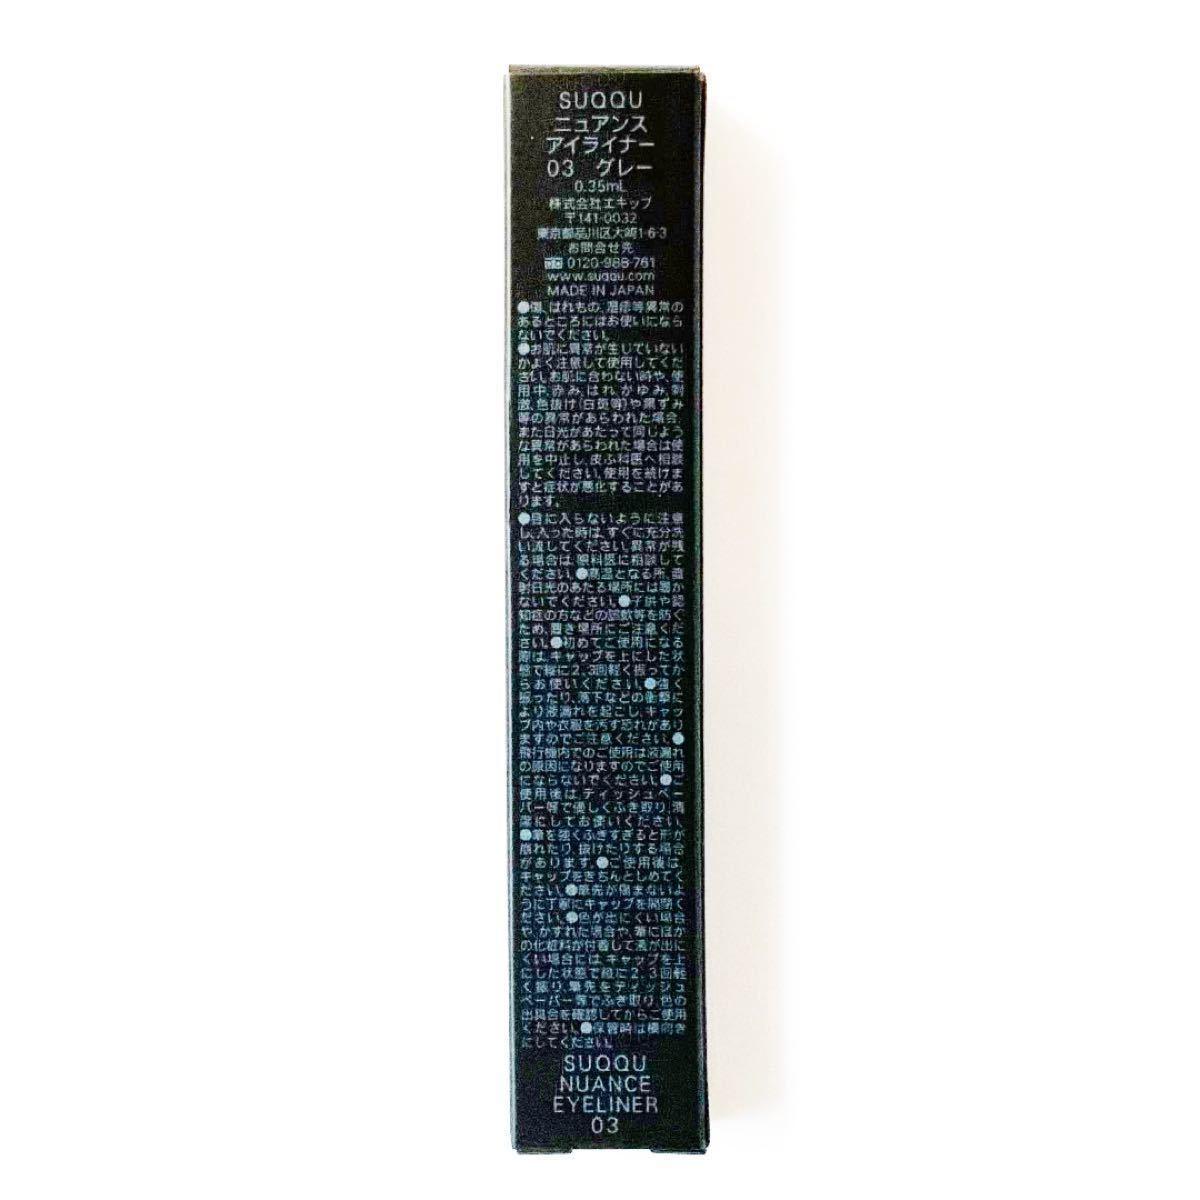 SUQQU スック ニュアンスアイライナー 03 グレー ●新品・未開封・未使用・国内正規品● 2021年上半期ベストコスメ受賞